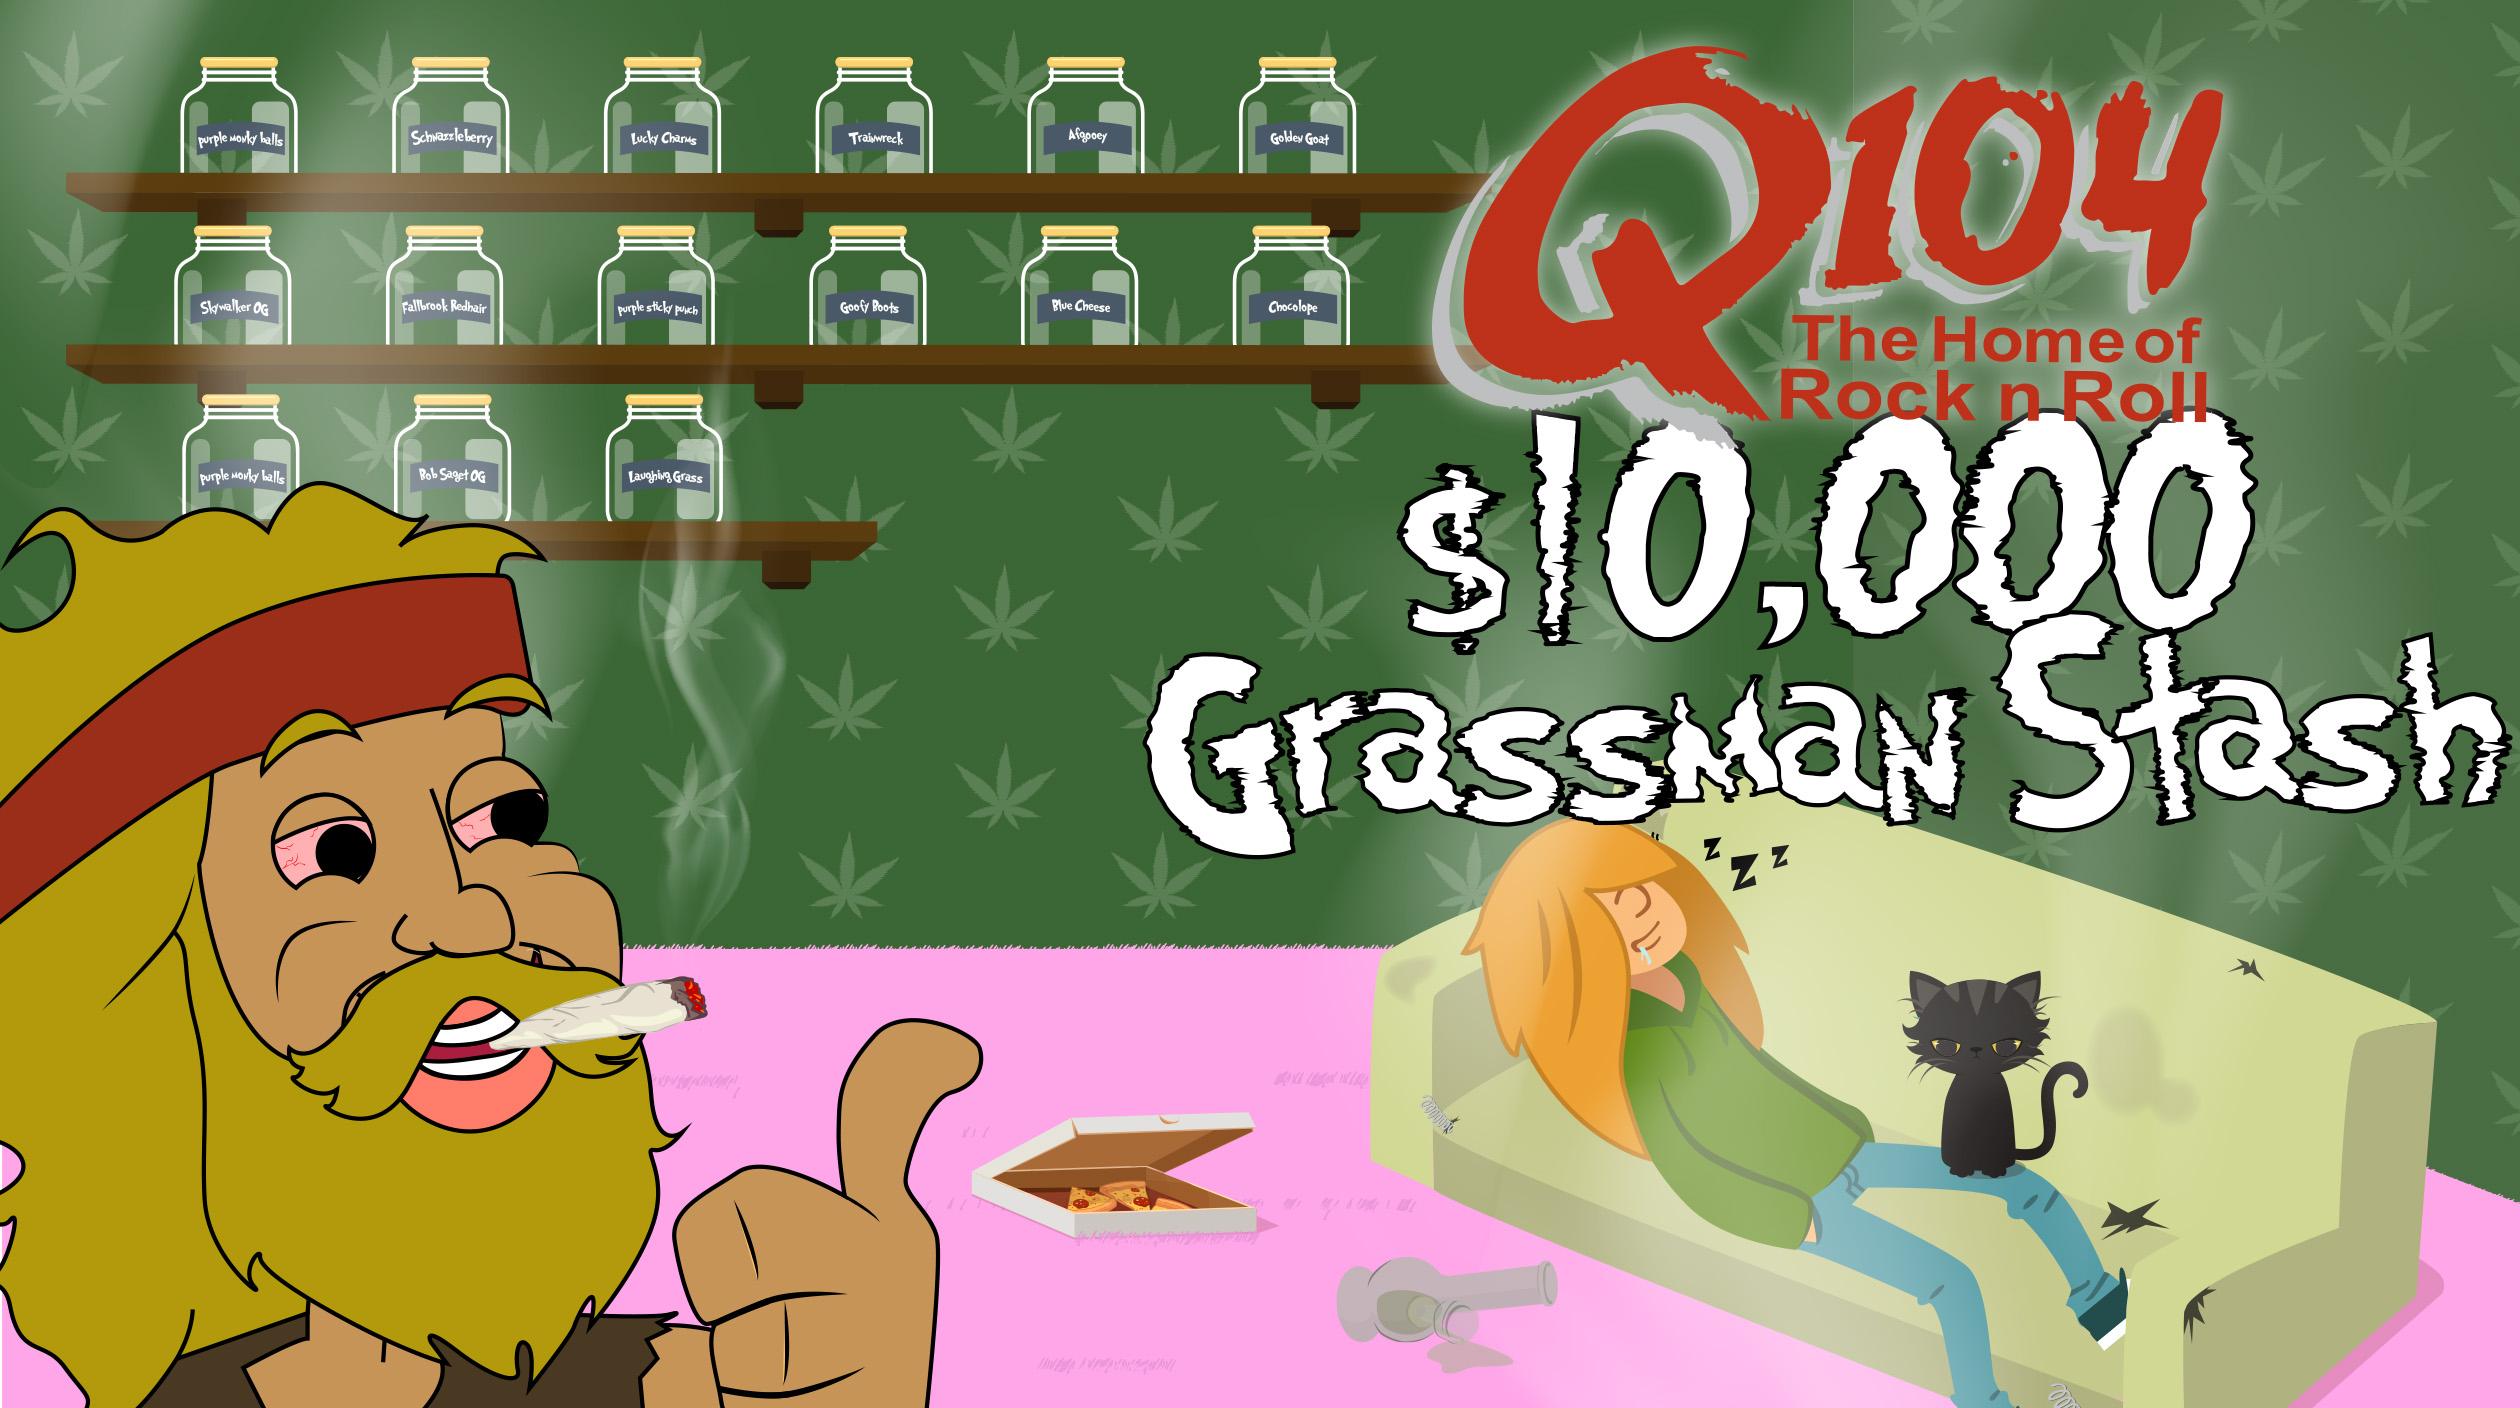 Q104 $10,000 Grassman Stash